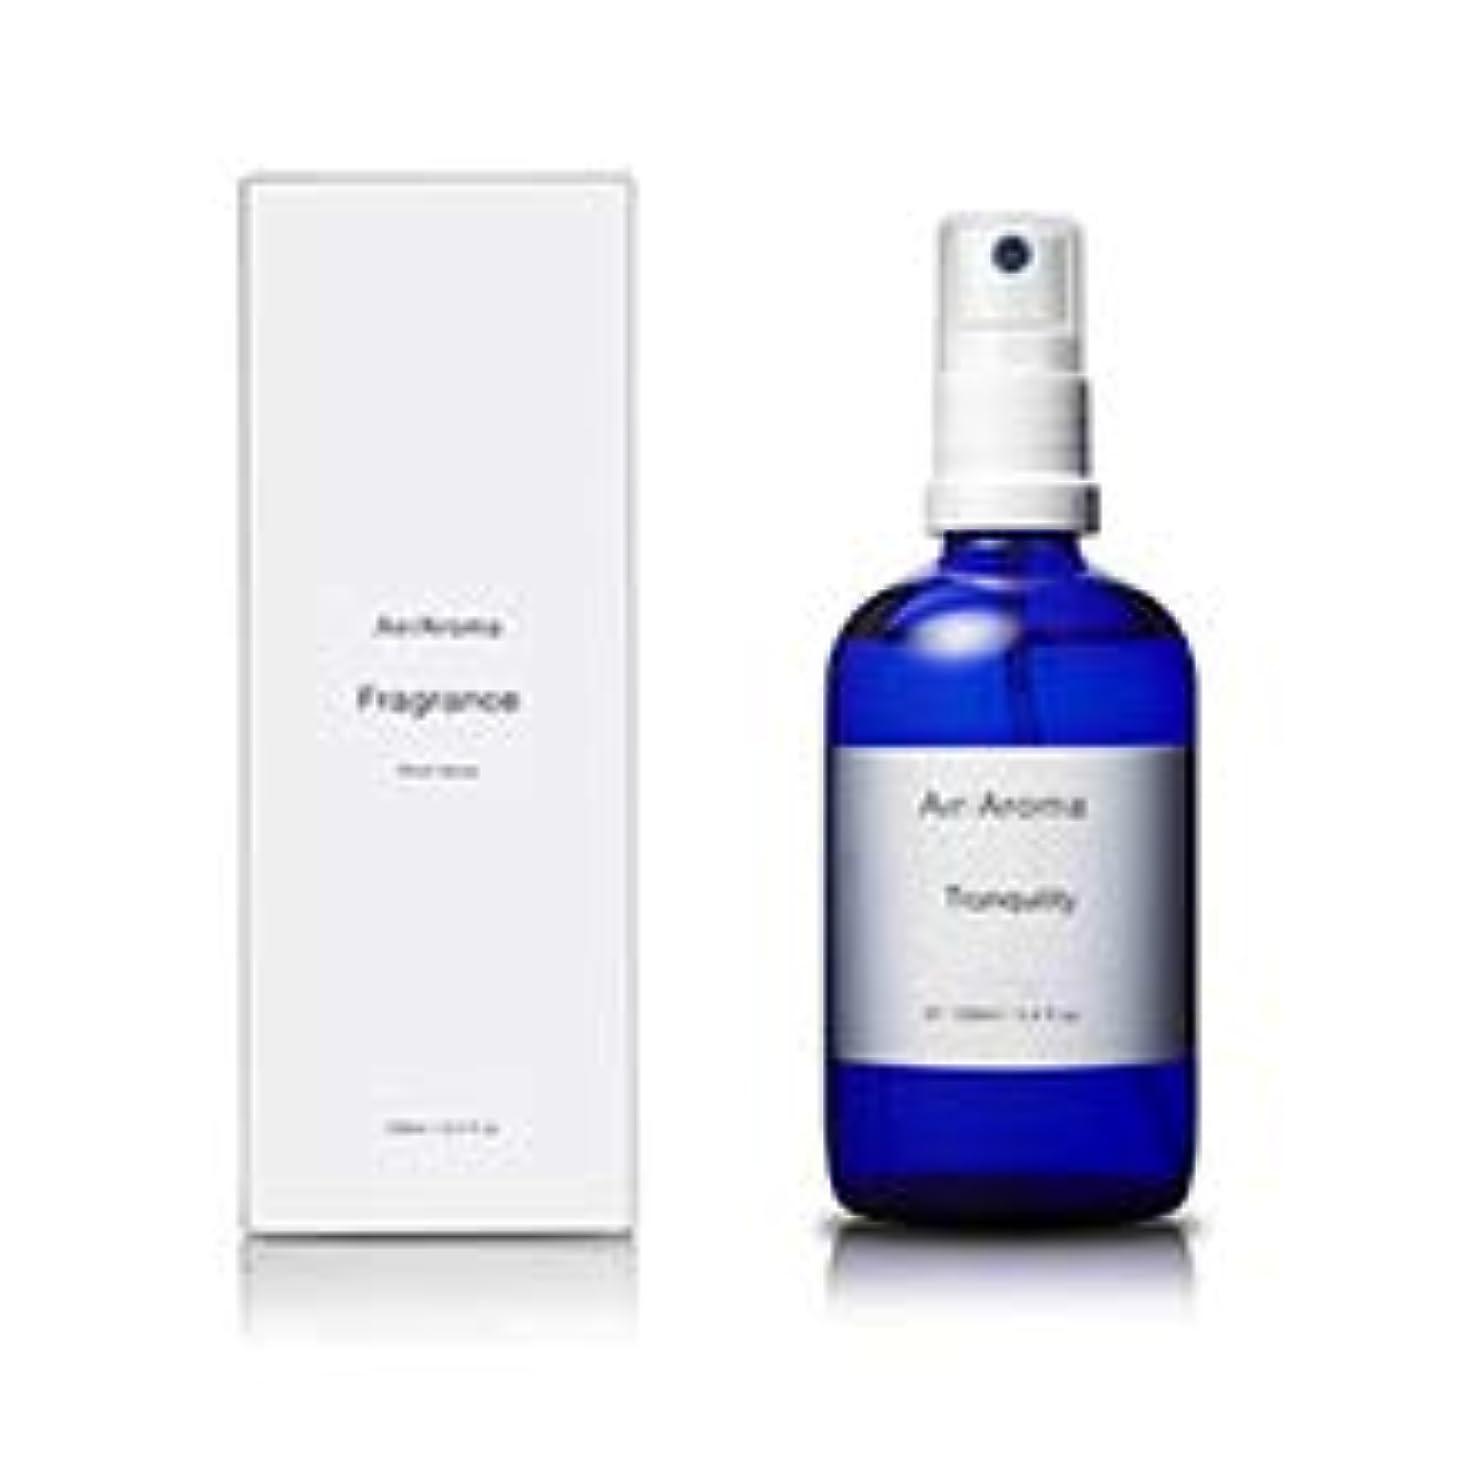 ゴールデン帆実用的エアアロマ tranquility room fragrance (トランキリティー ルームフレグランス) 100ml